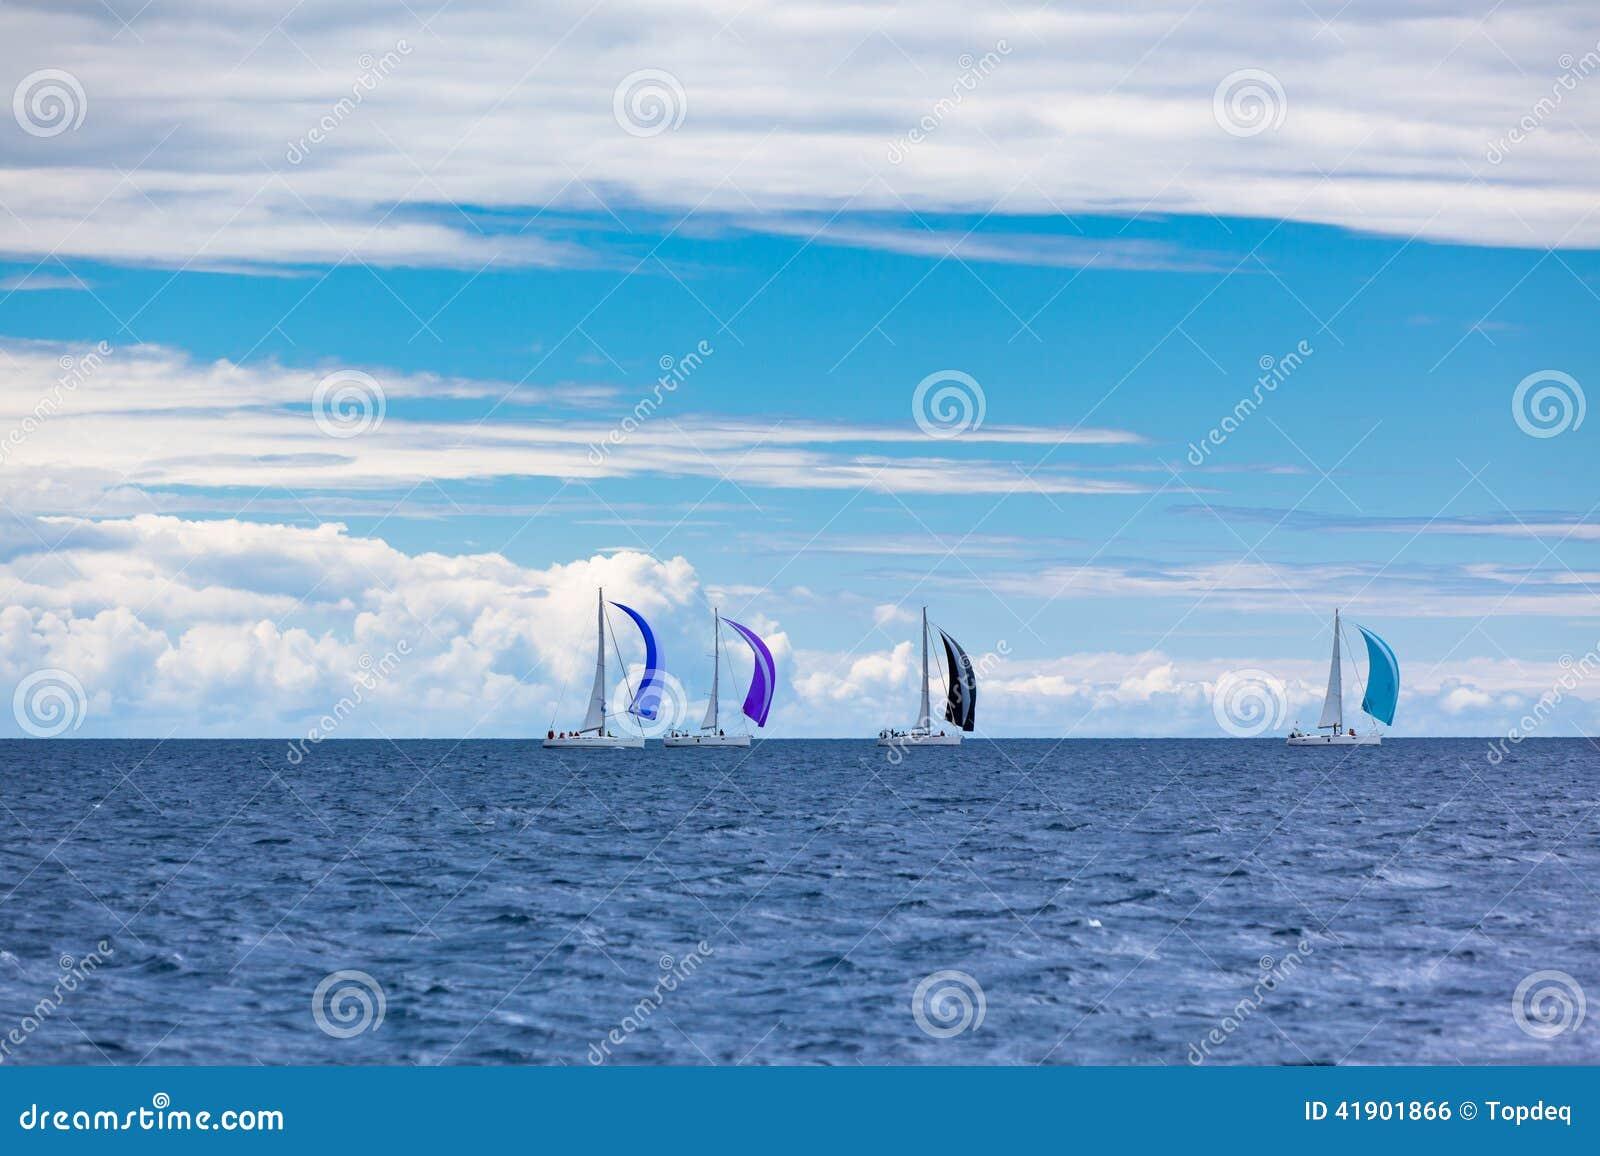 Jachtregatta bij het Adriatische Overzees in winderig weer